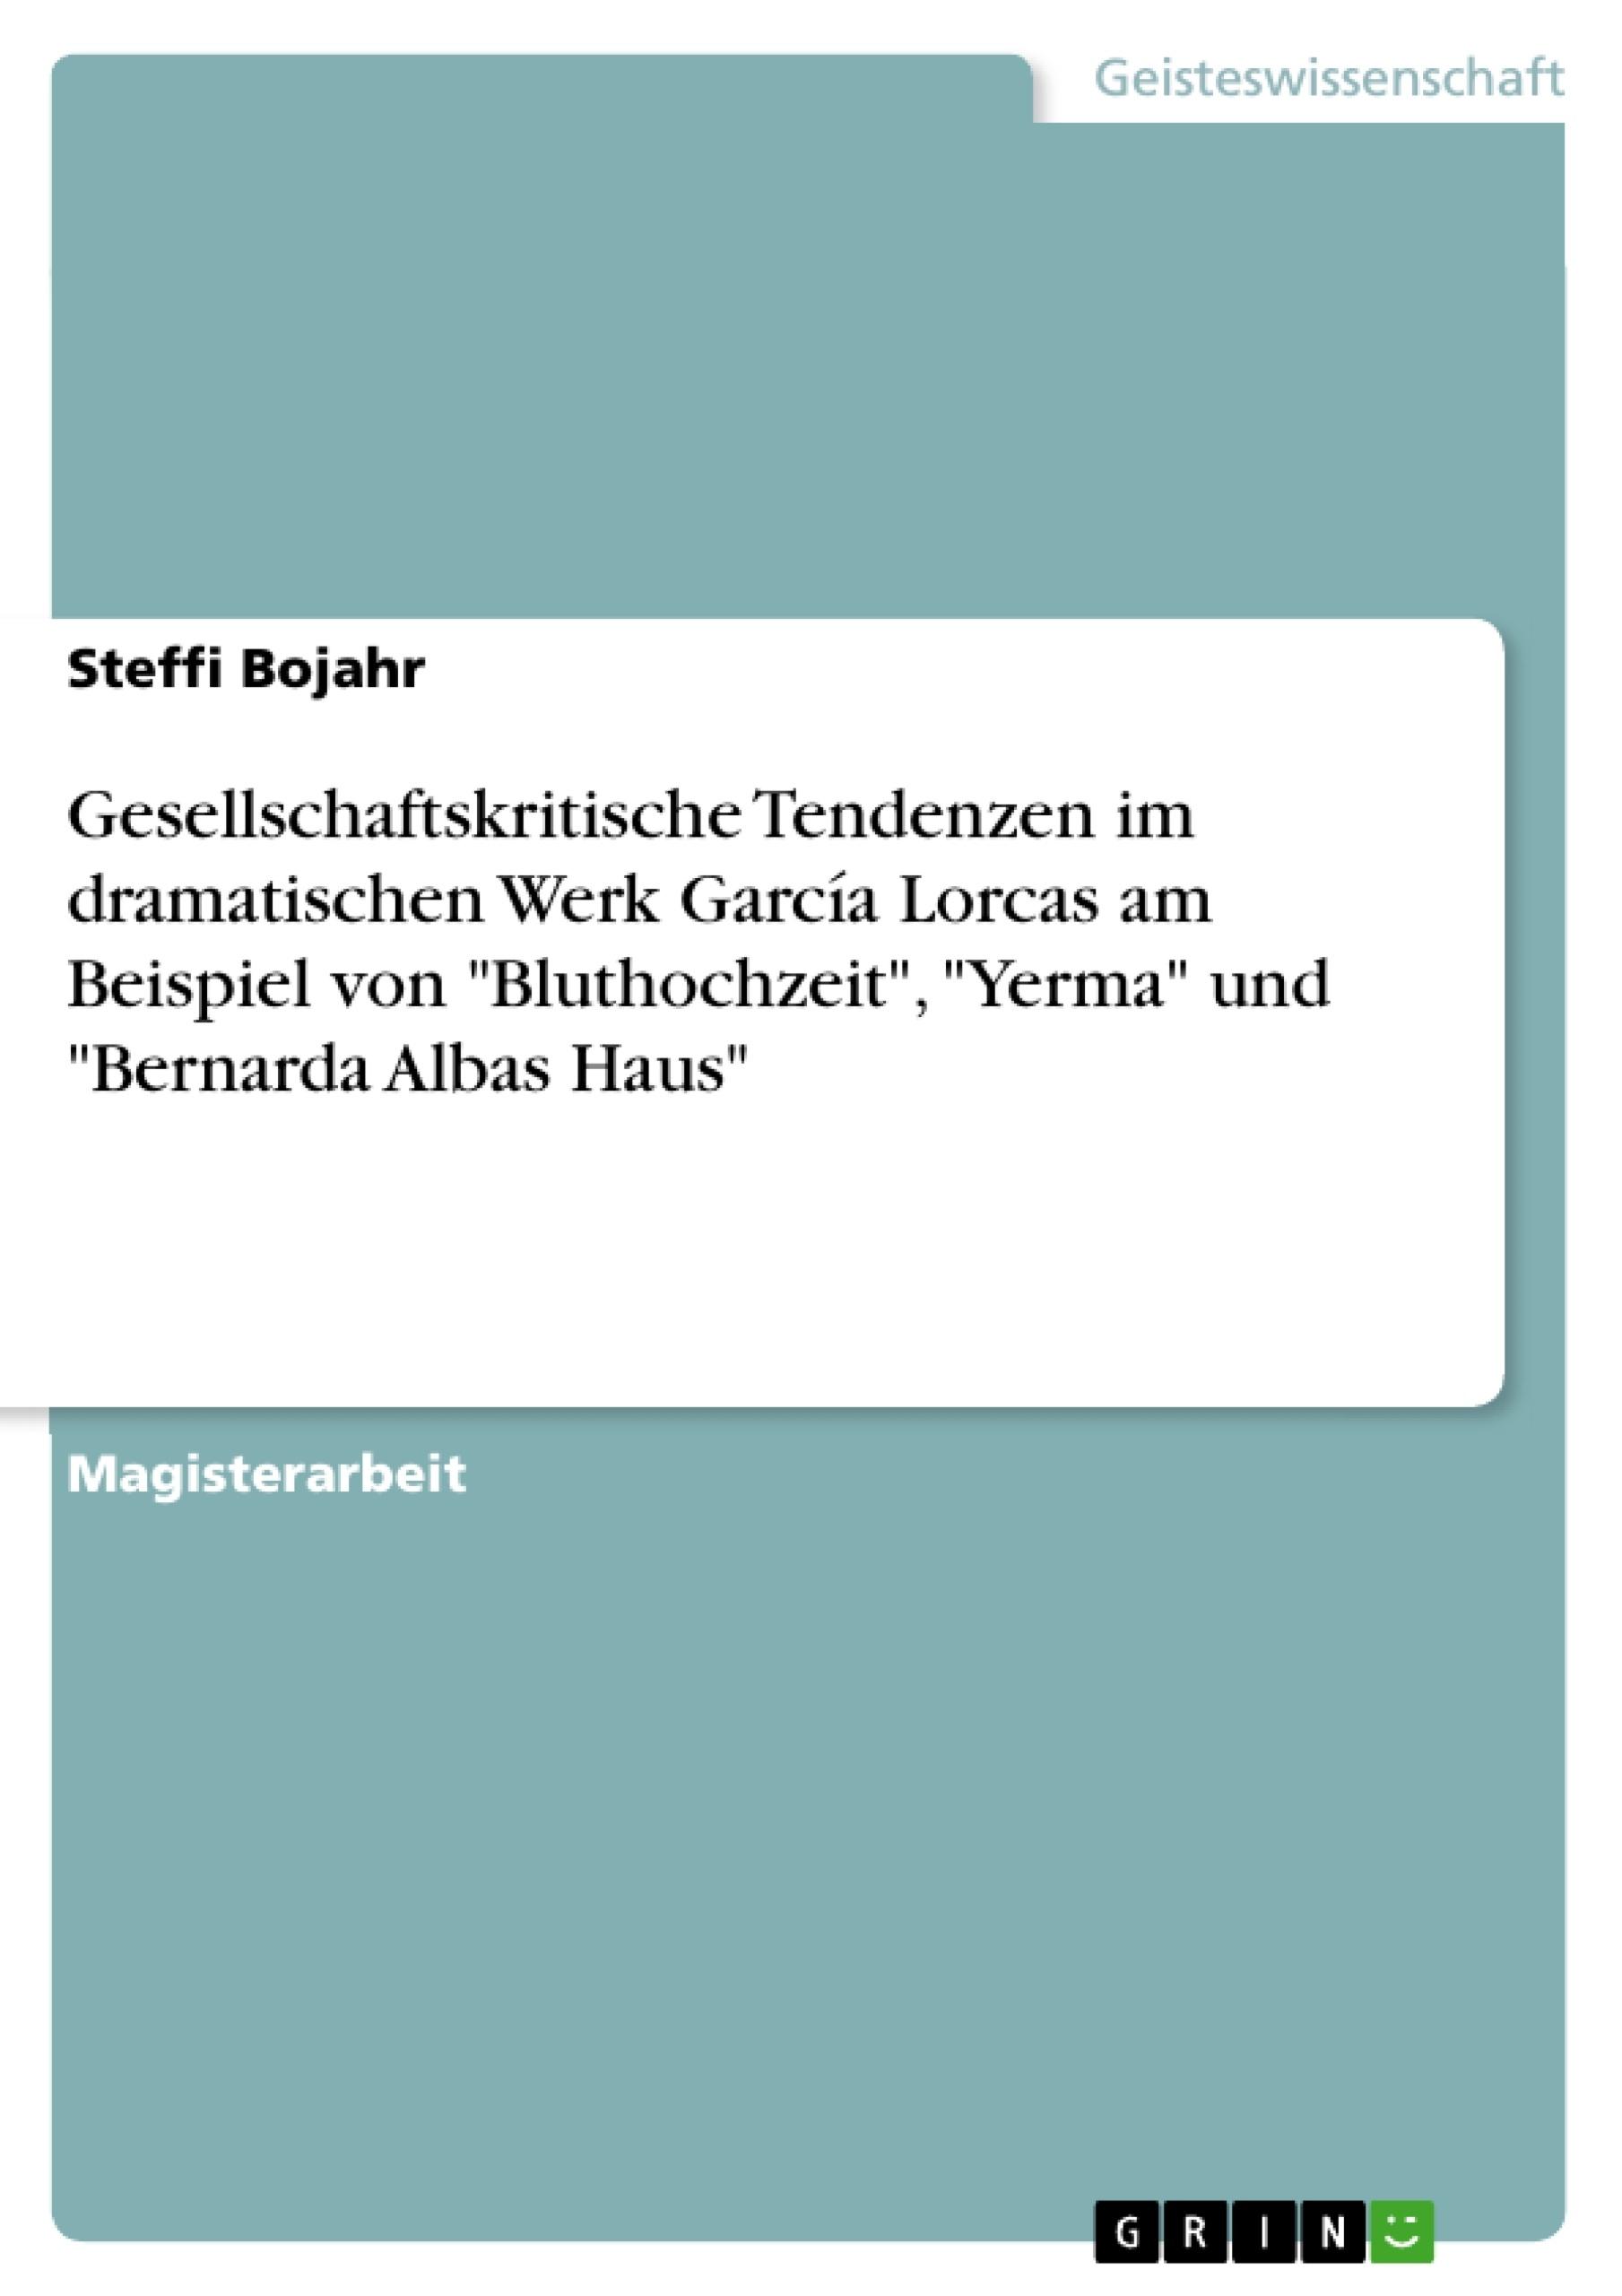 """Titel: Gesellschaftskritische Tendenzen im dramatischen Werk García Lorcas am Beispiel von """"Bluthochzeit"""", """"Yerma"""" und """"Bernarda Albas Haus"""""""